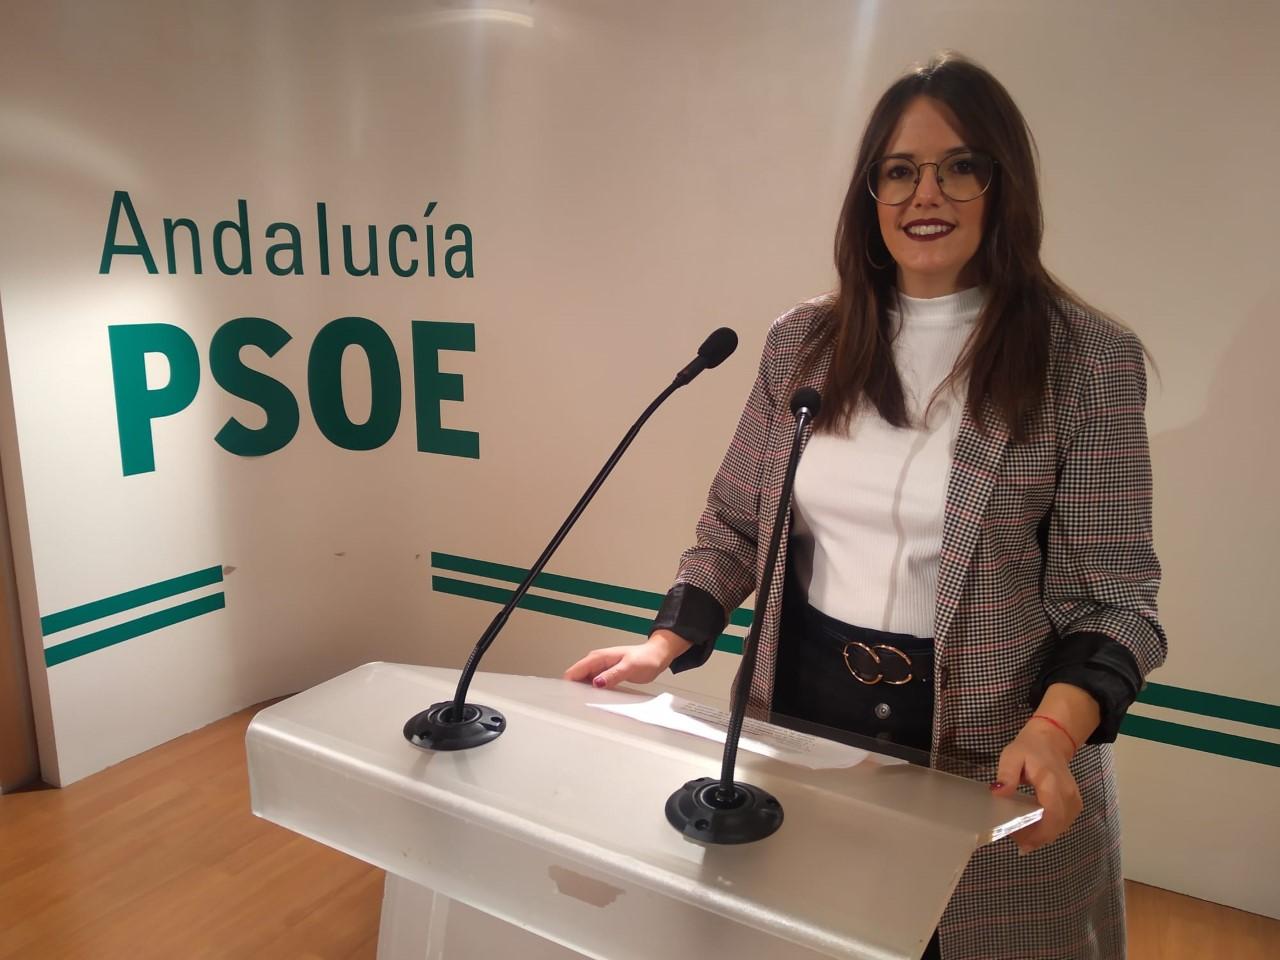 """El PSOE reclama al consejero Imbroda """"celeridad"""" para reestablecer el servicio de matriculación virtual"""